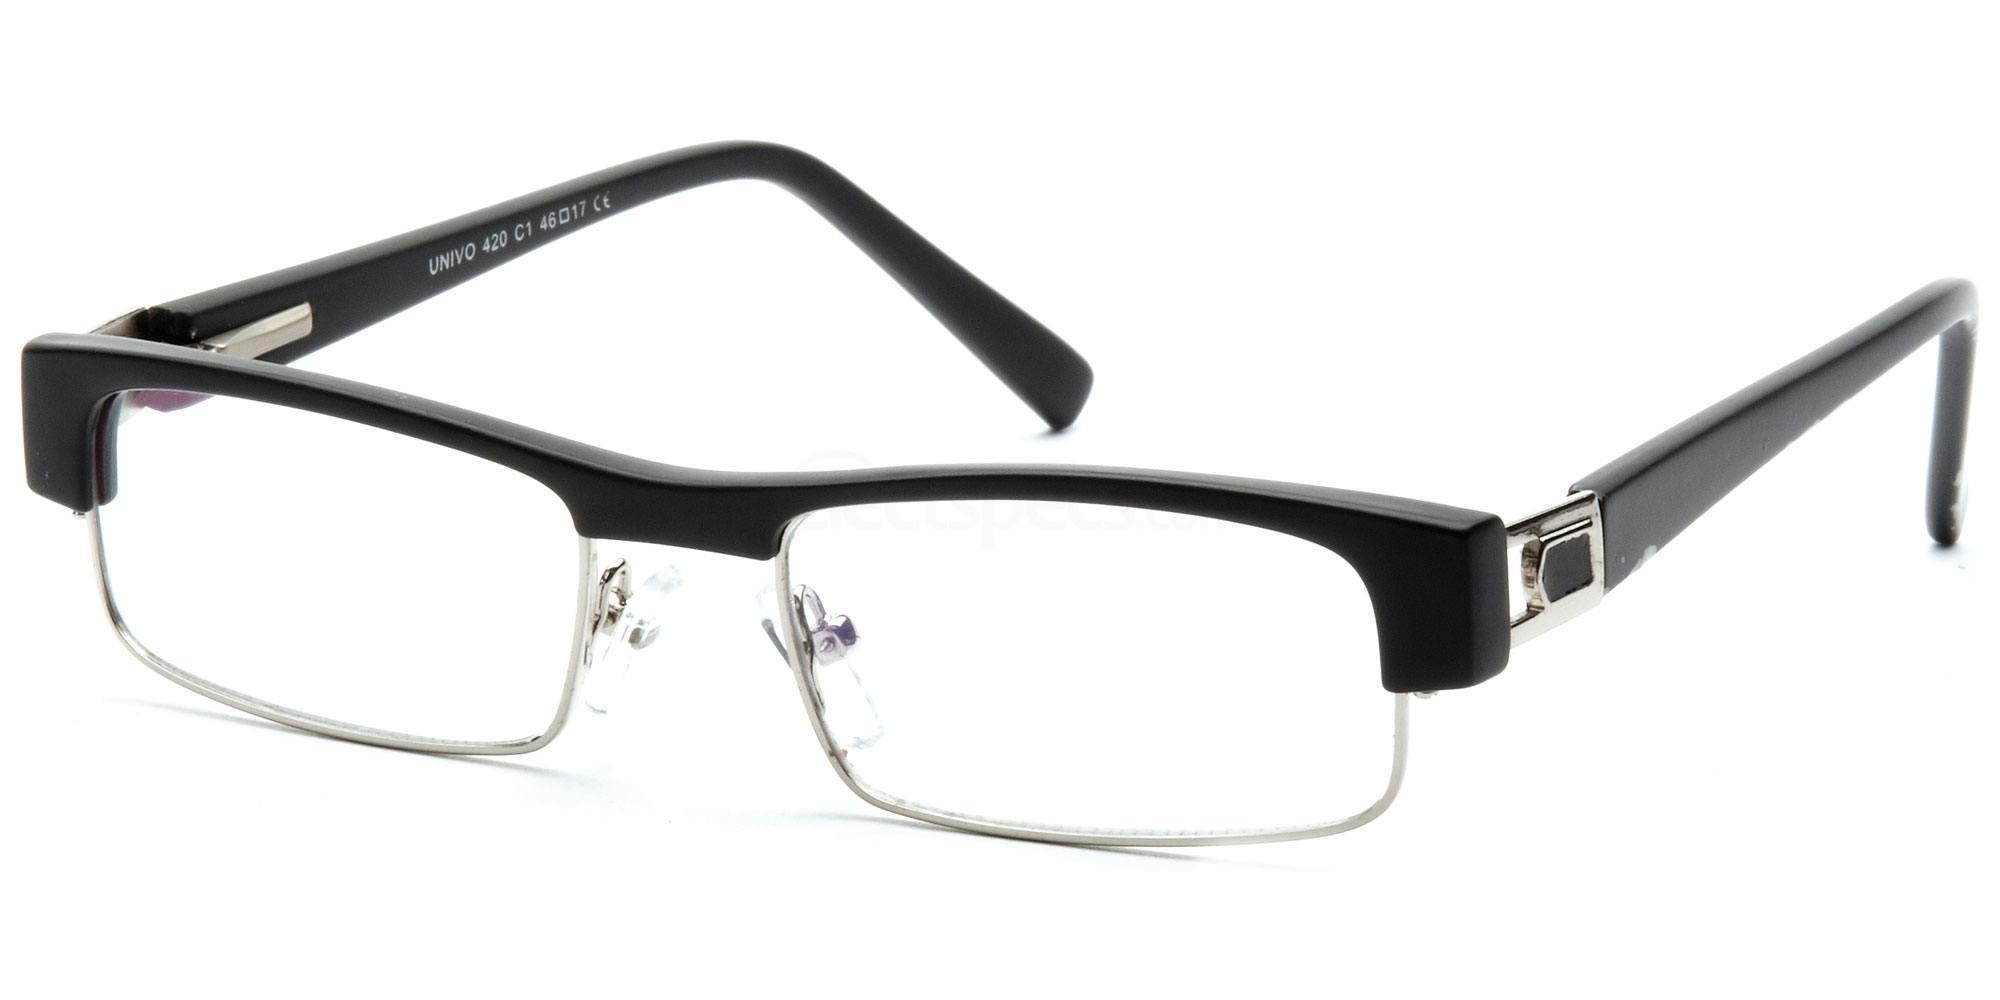 C1 U420 Glasses, Univo